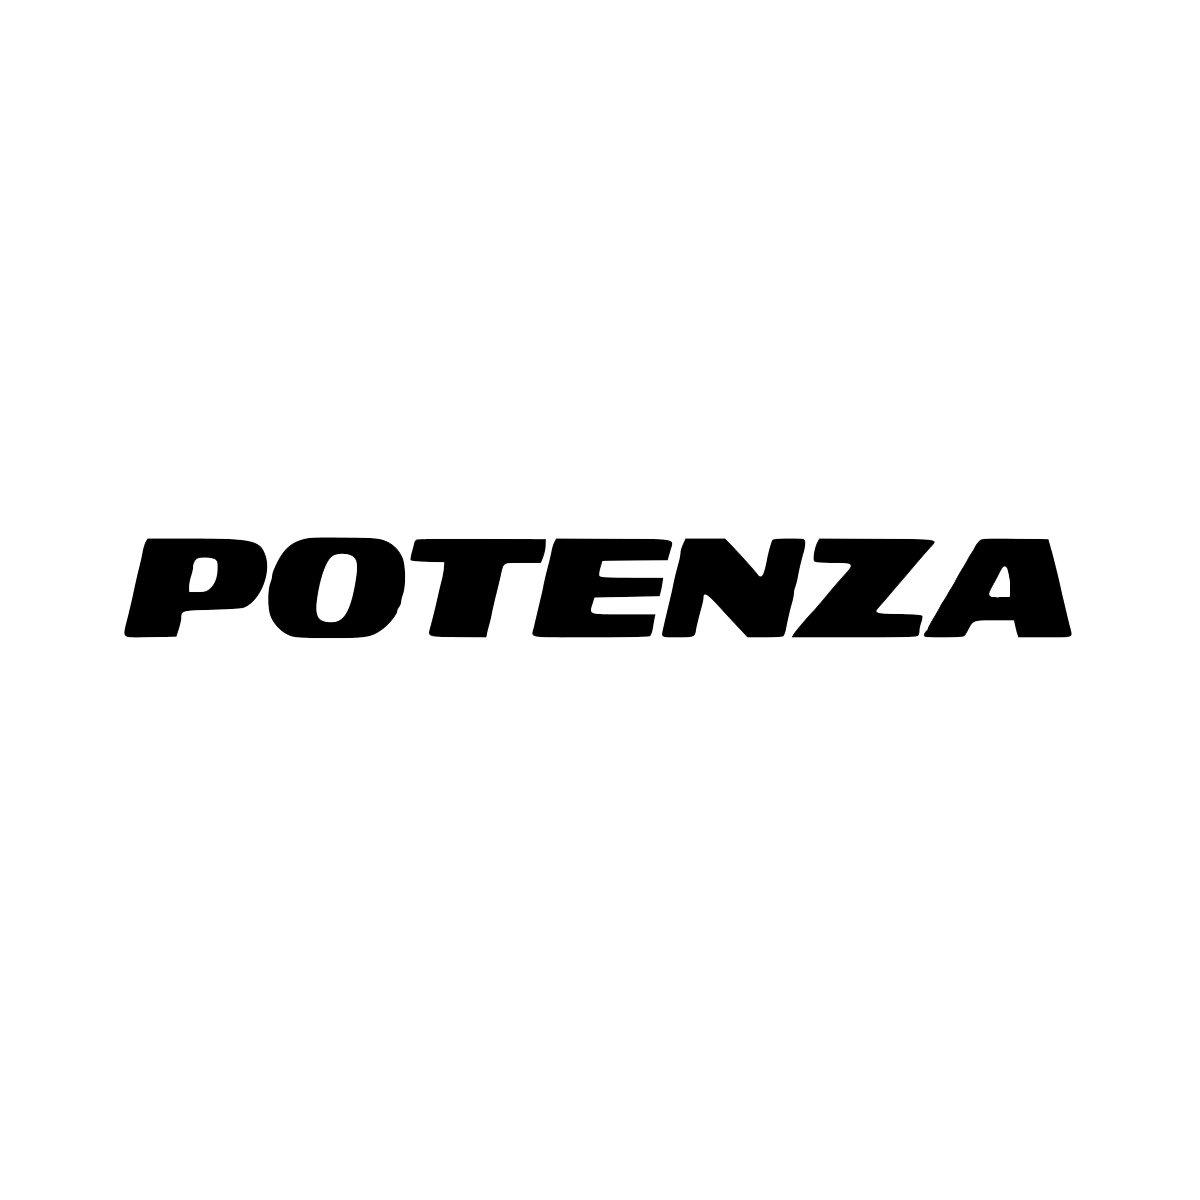 Logo_Potenza_02